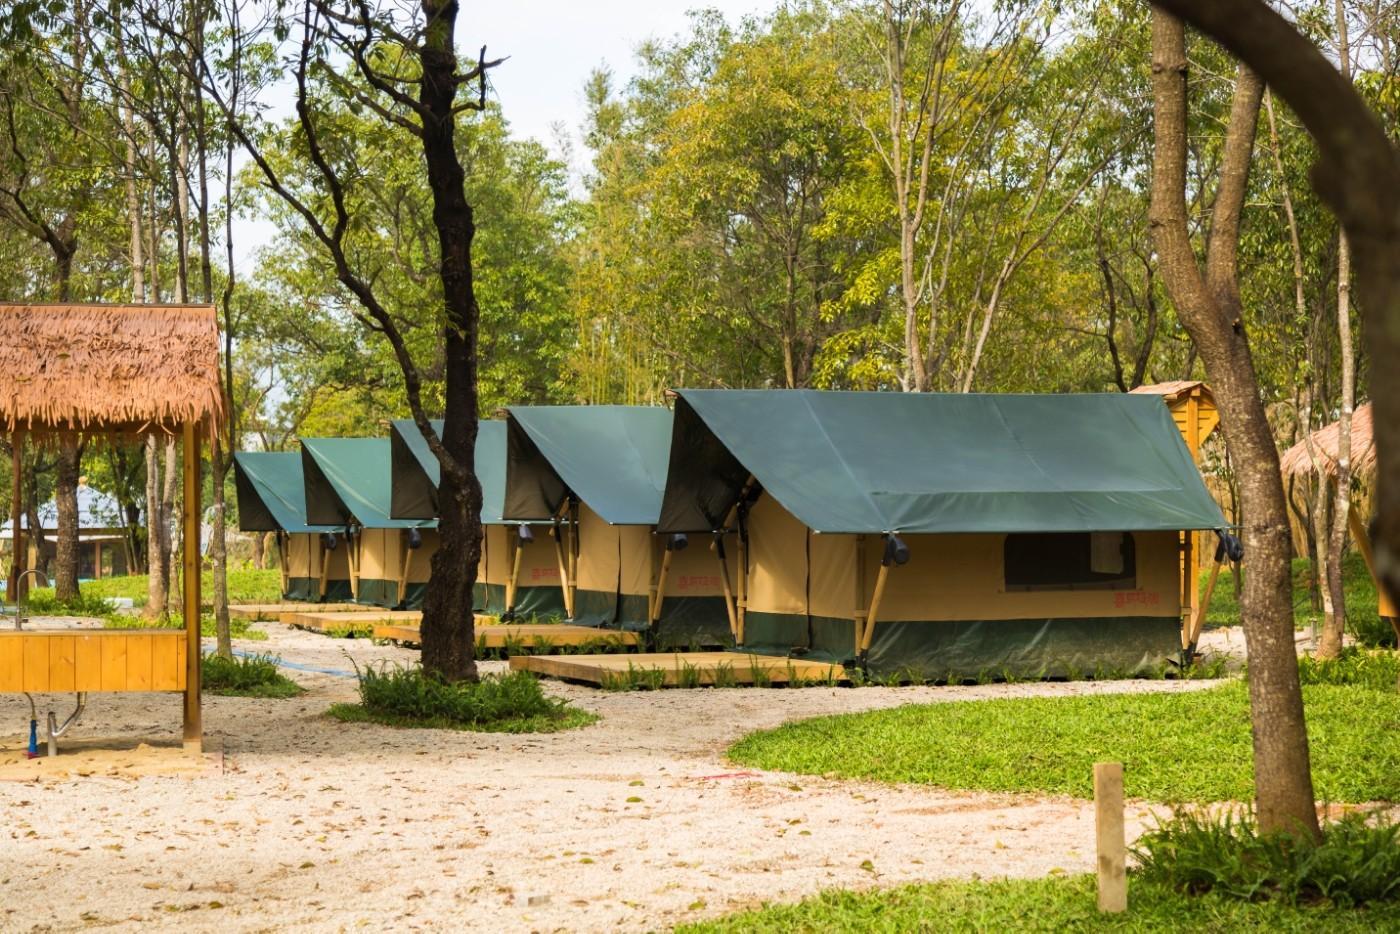 喜马拉雅青少年教育营地—广州和营天下平地帐篷酒店12